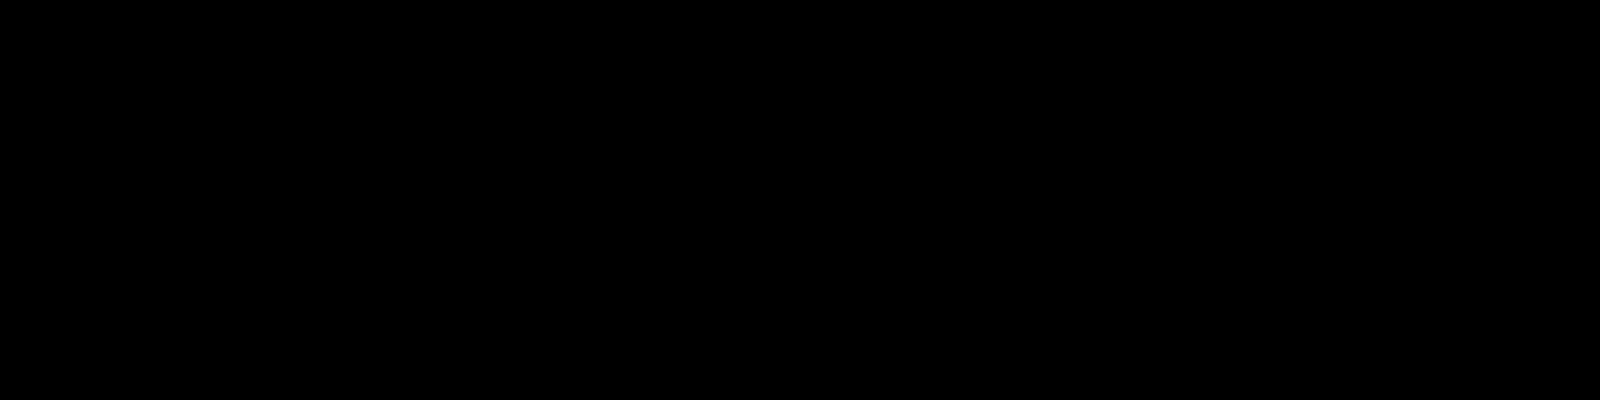 Linea Mariana